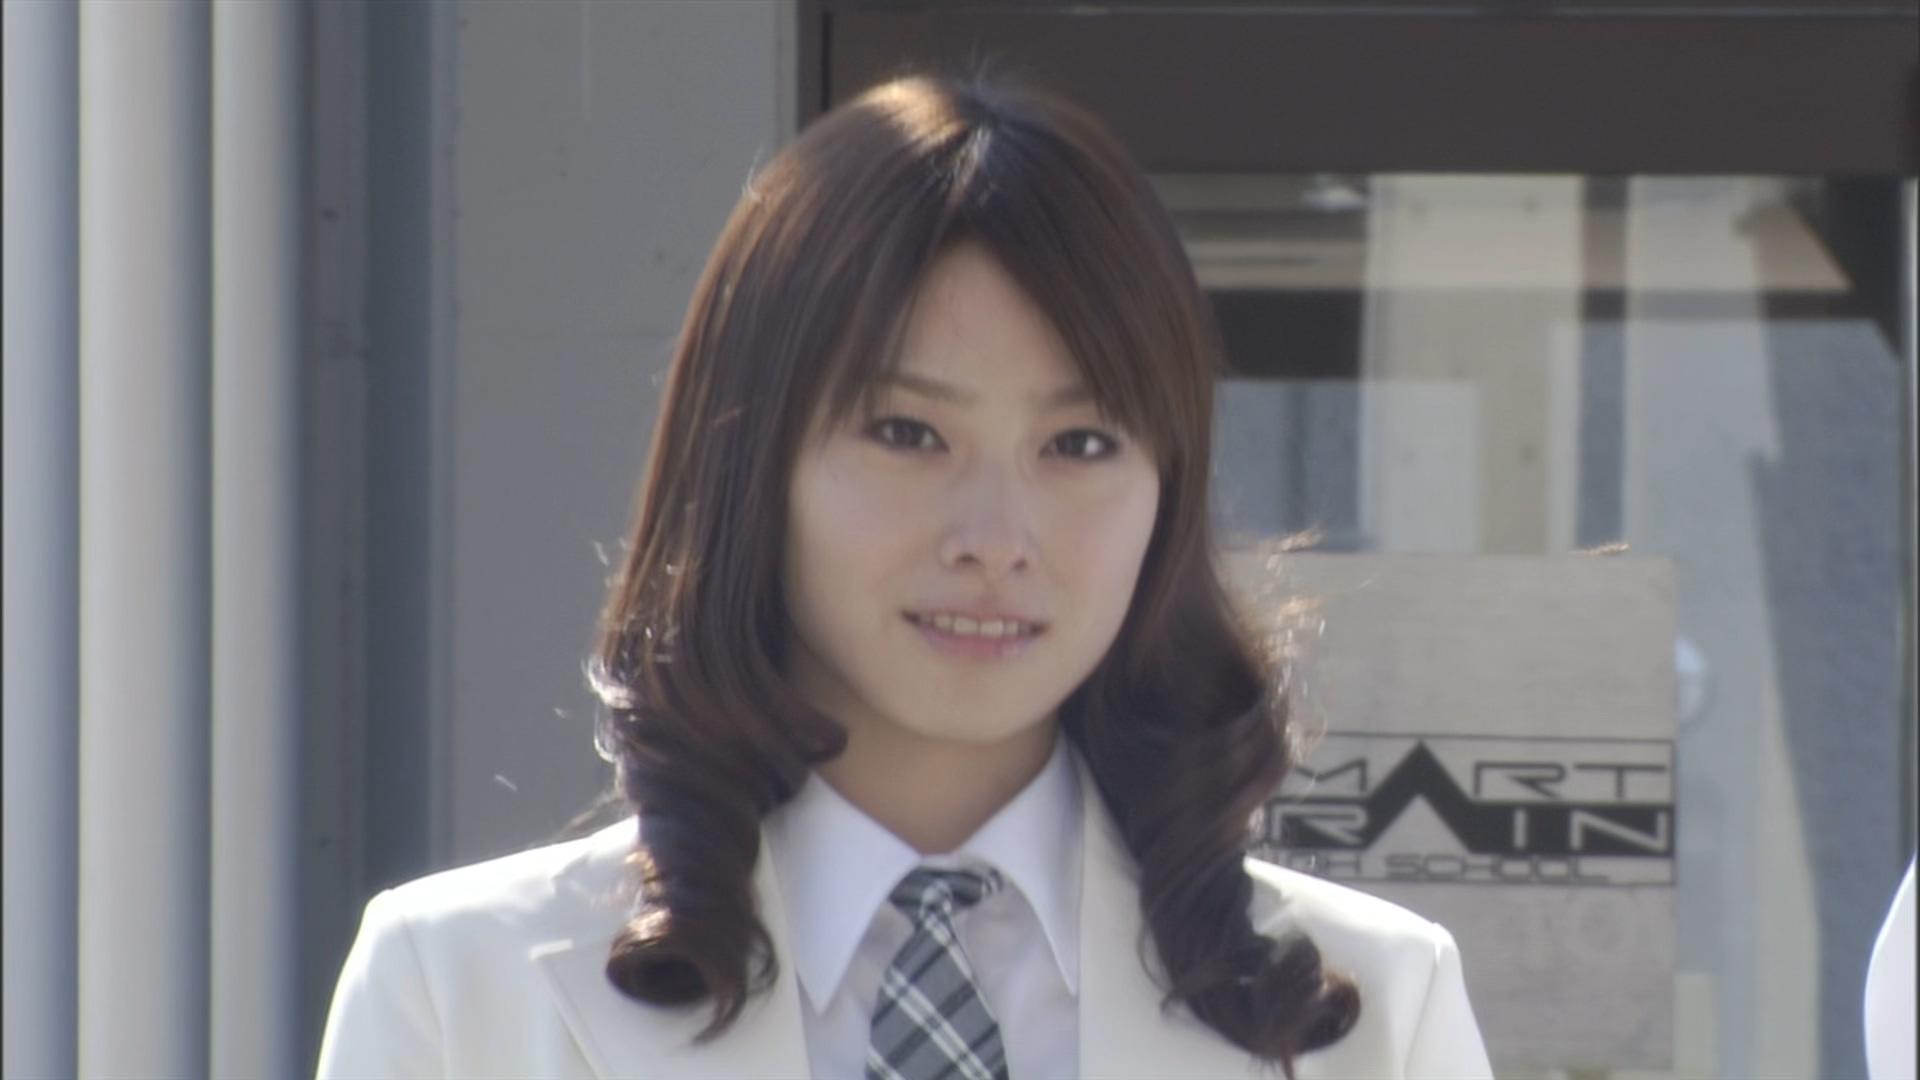 Shukawa